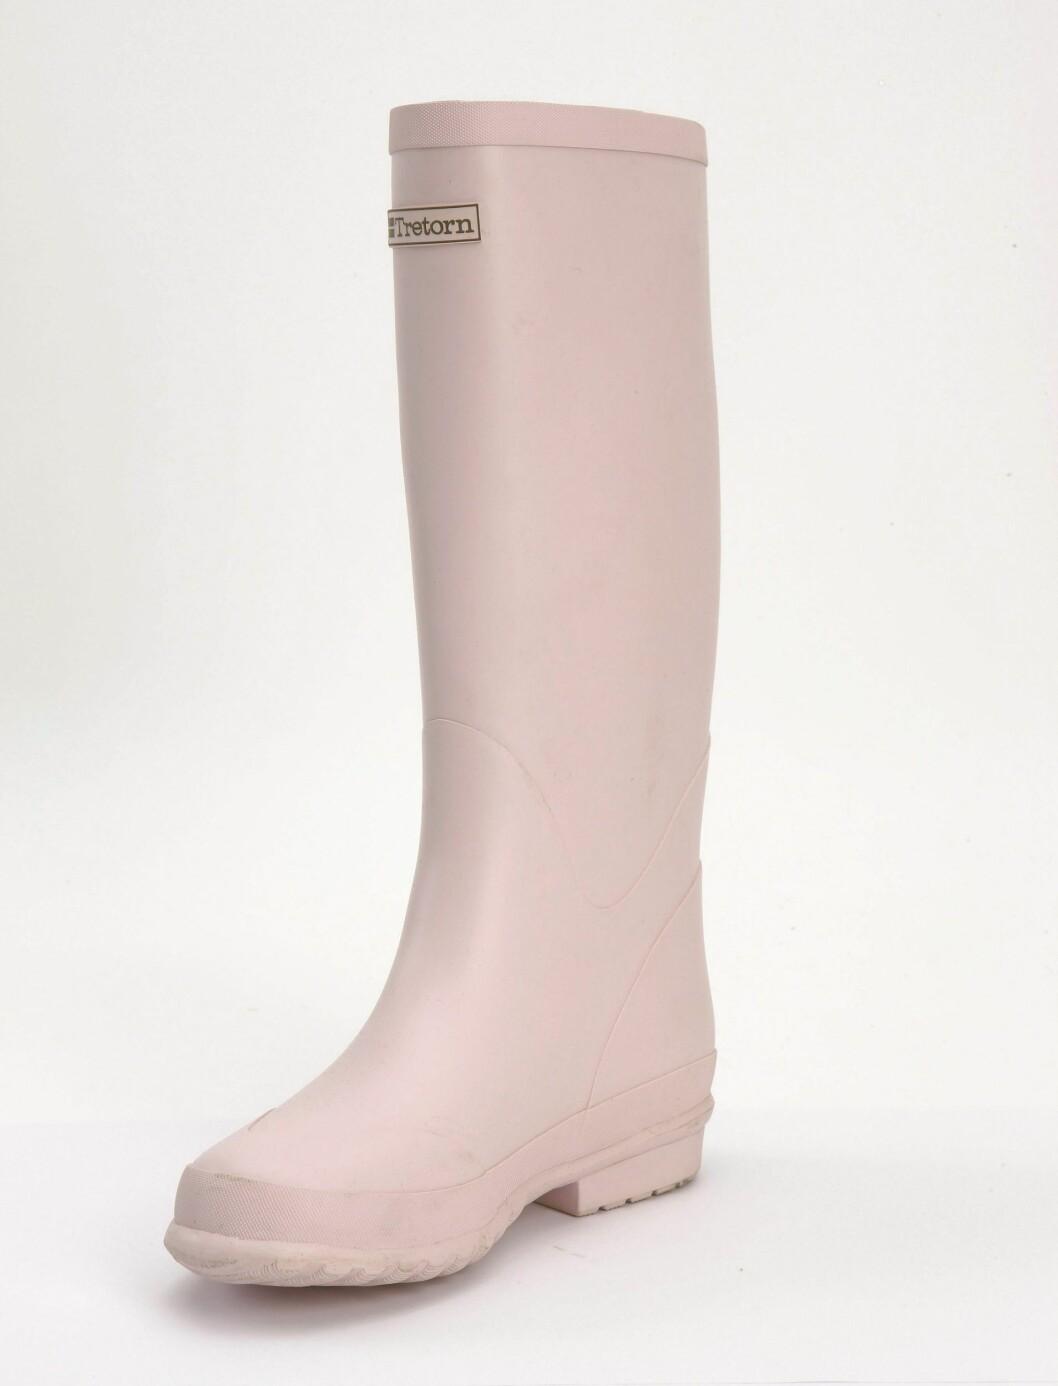 Høy rosa støvel - perfekt over lyse olabukser (kr 600, Tretorn).